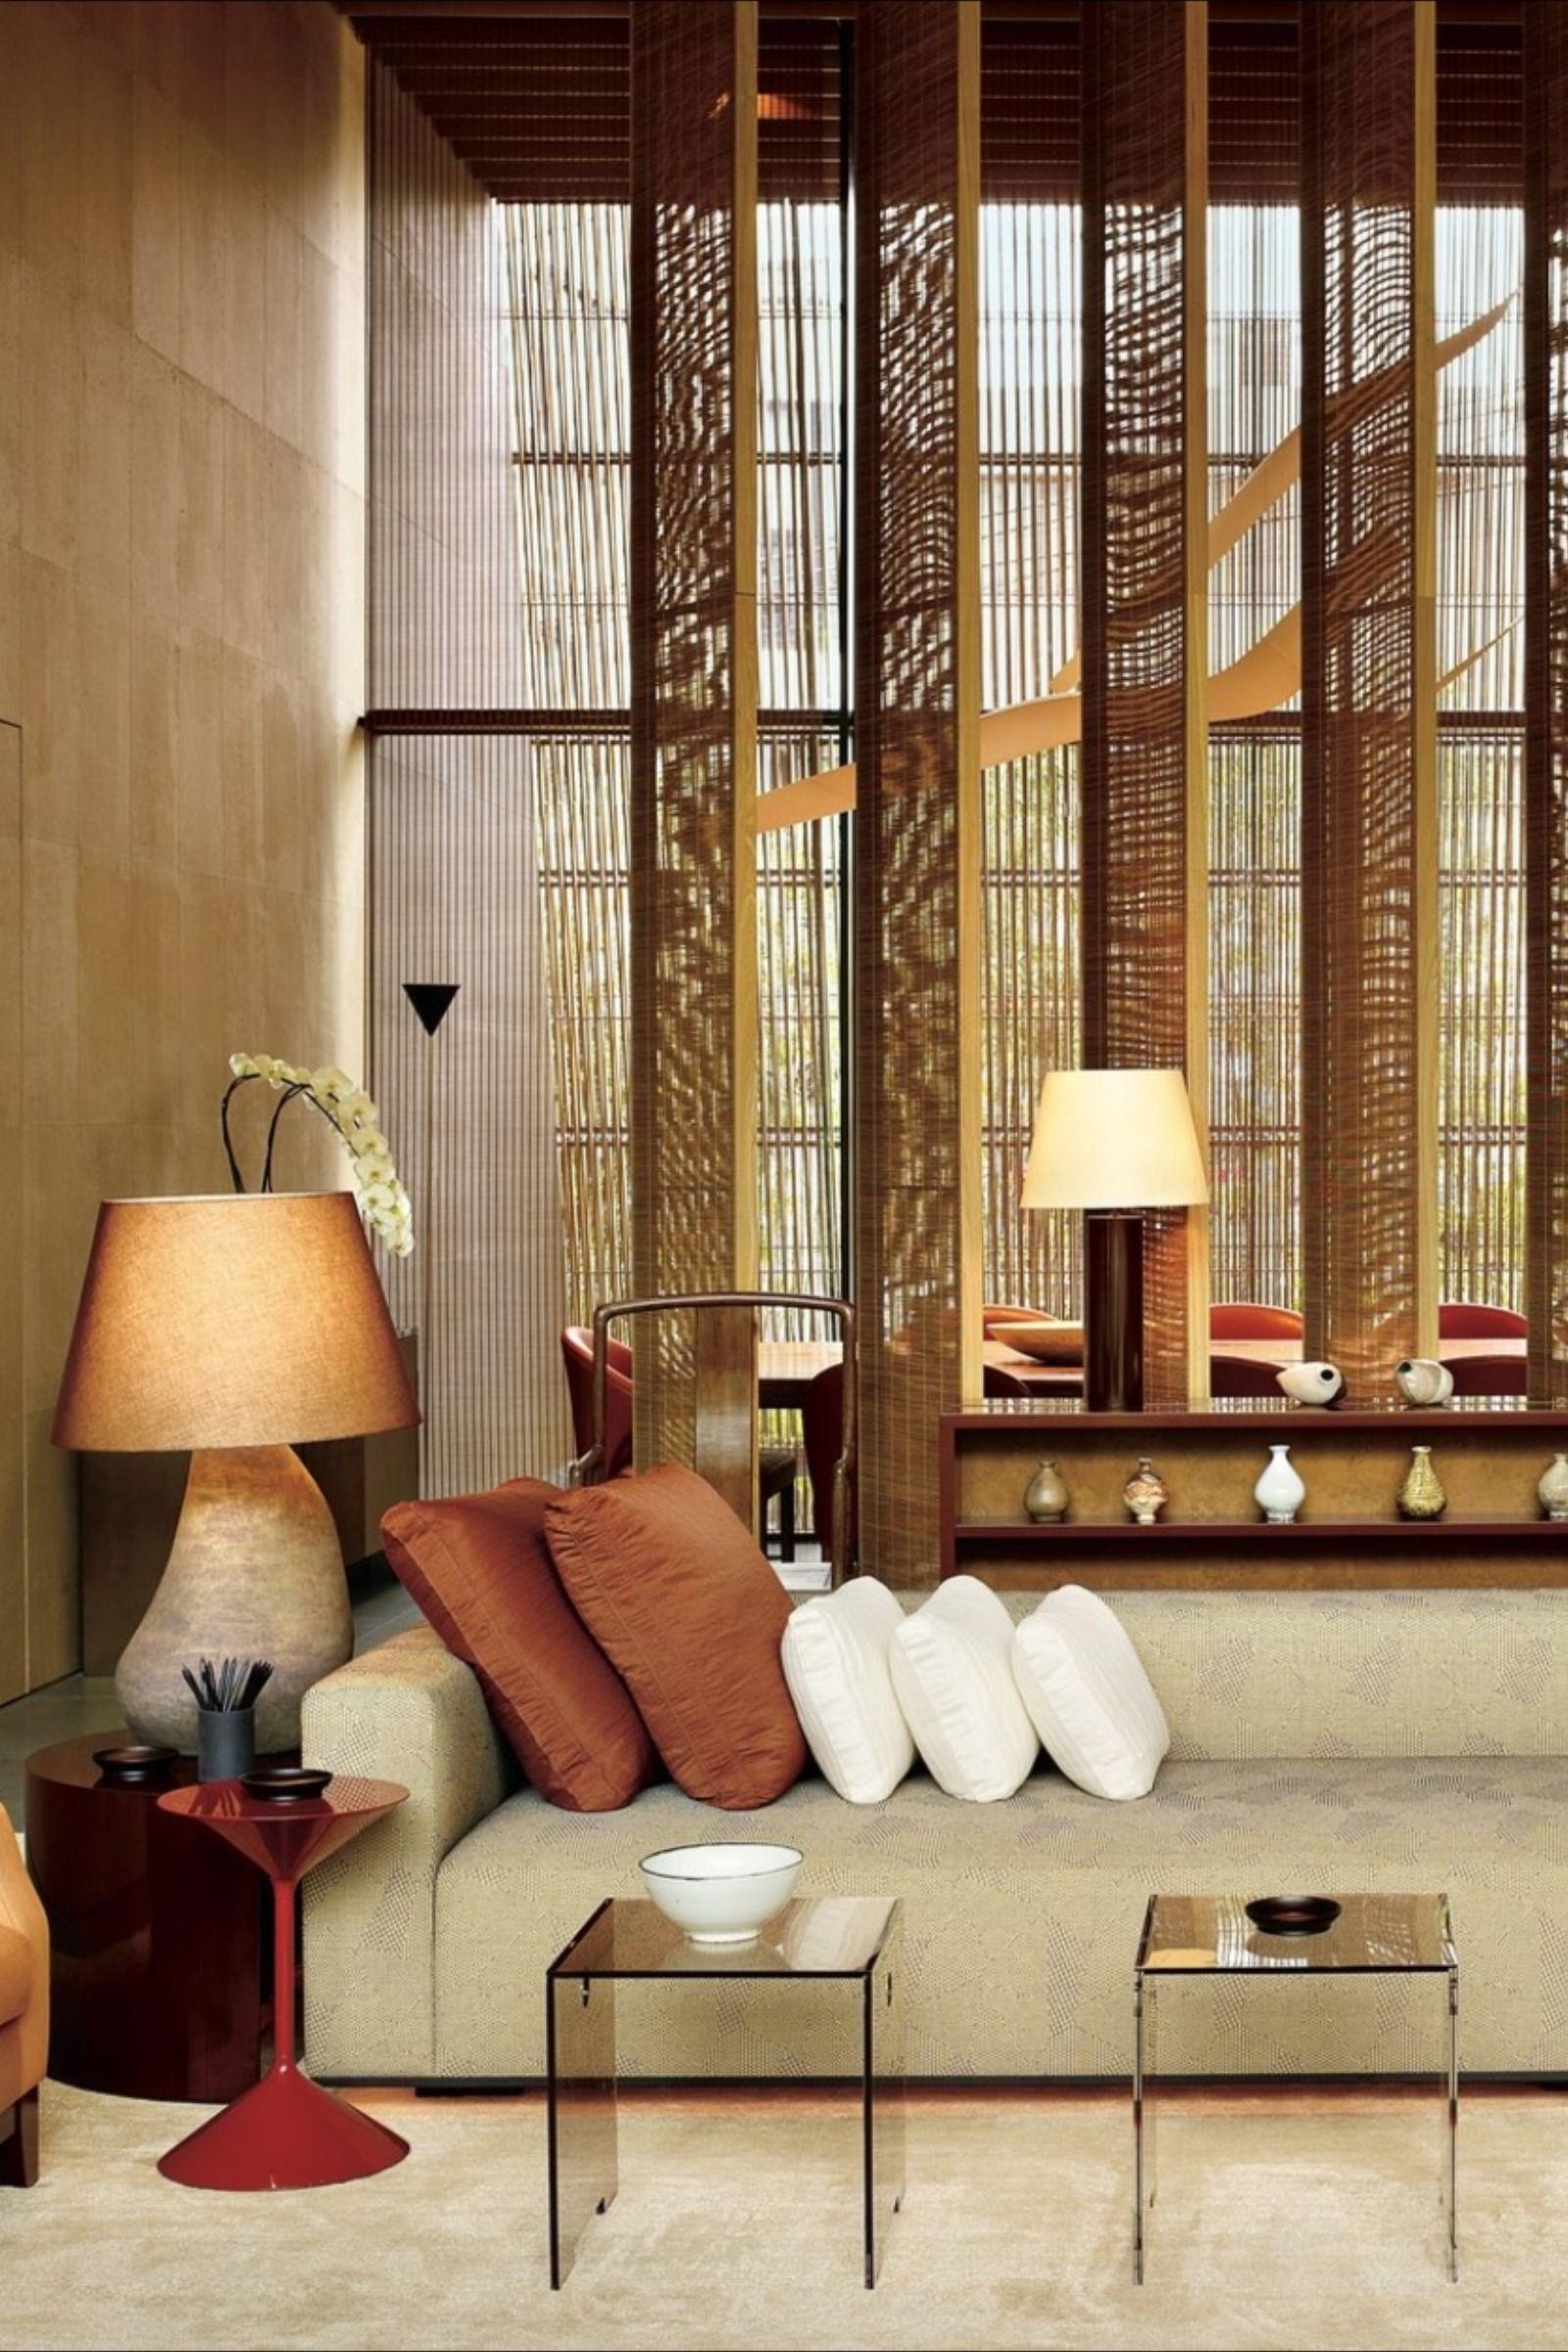 Ev Mobilya Dekorasyon Fikirleri Home Furniture Decombo 2020 Tasarim Ic Mekanlar Oturma Odasi Fikirleri Koltuklar